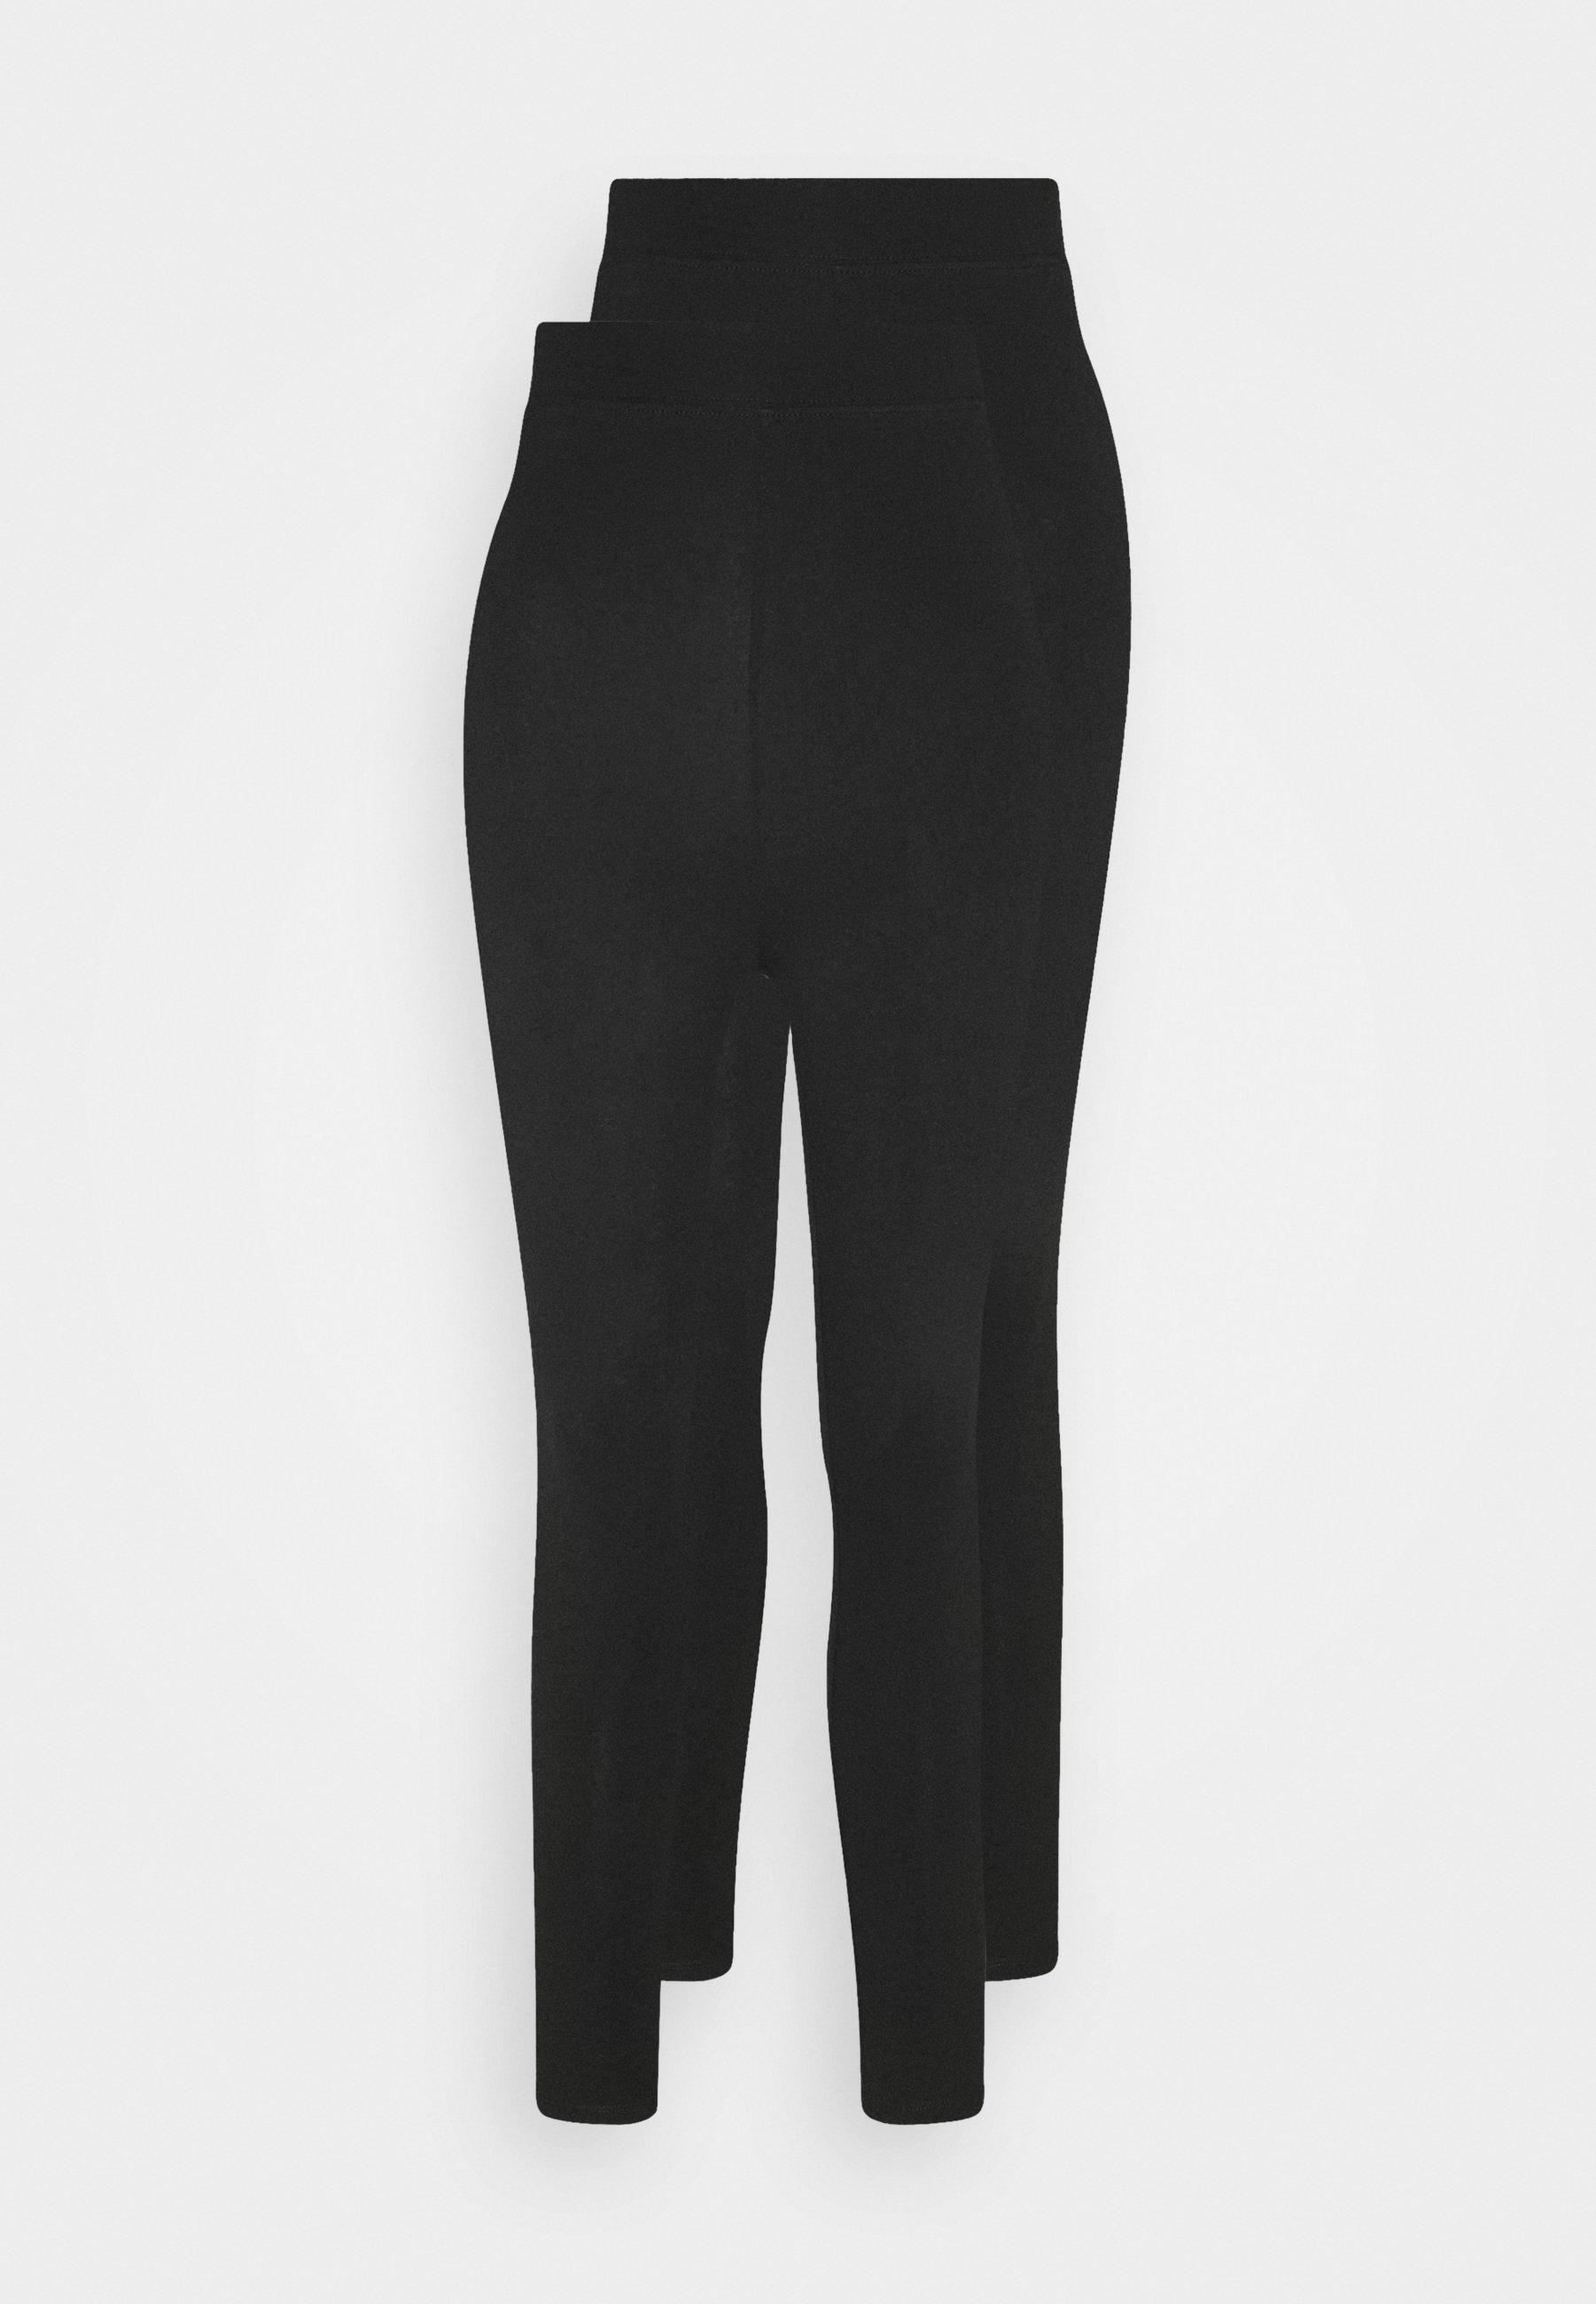 Damen 2 pack HIGH WAIST legging - Leggings - Hosen